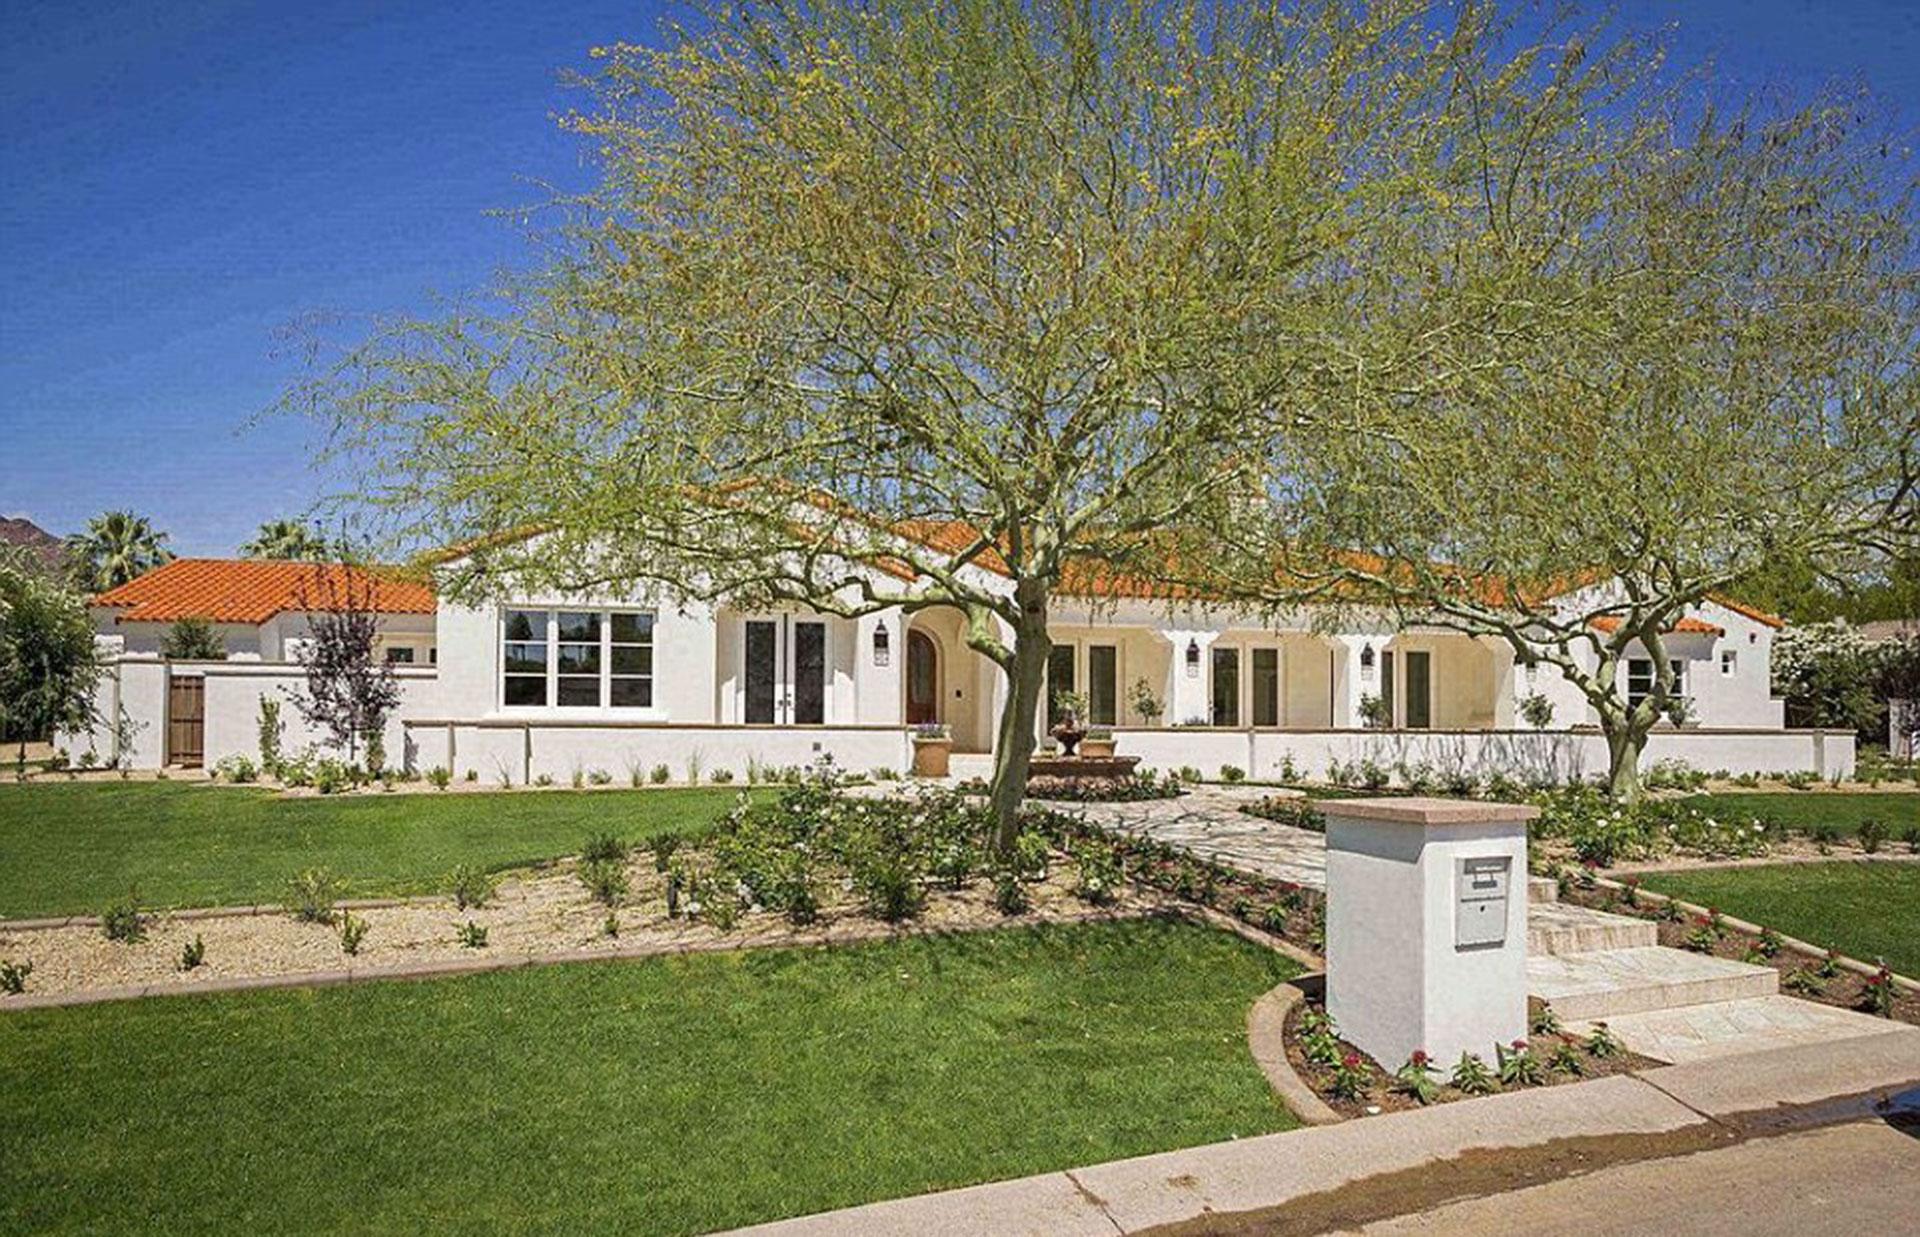 La nueva mansión de Michael Phelps en Scottsdale, Arizona